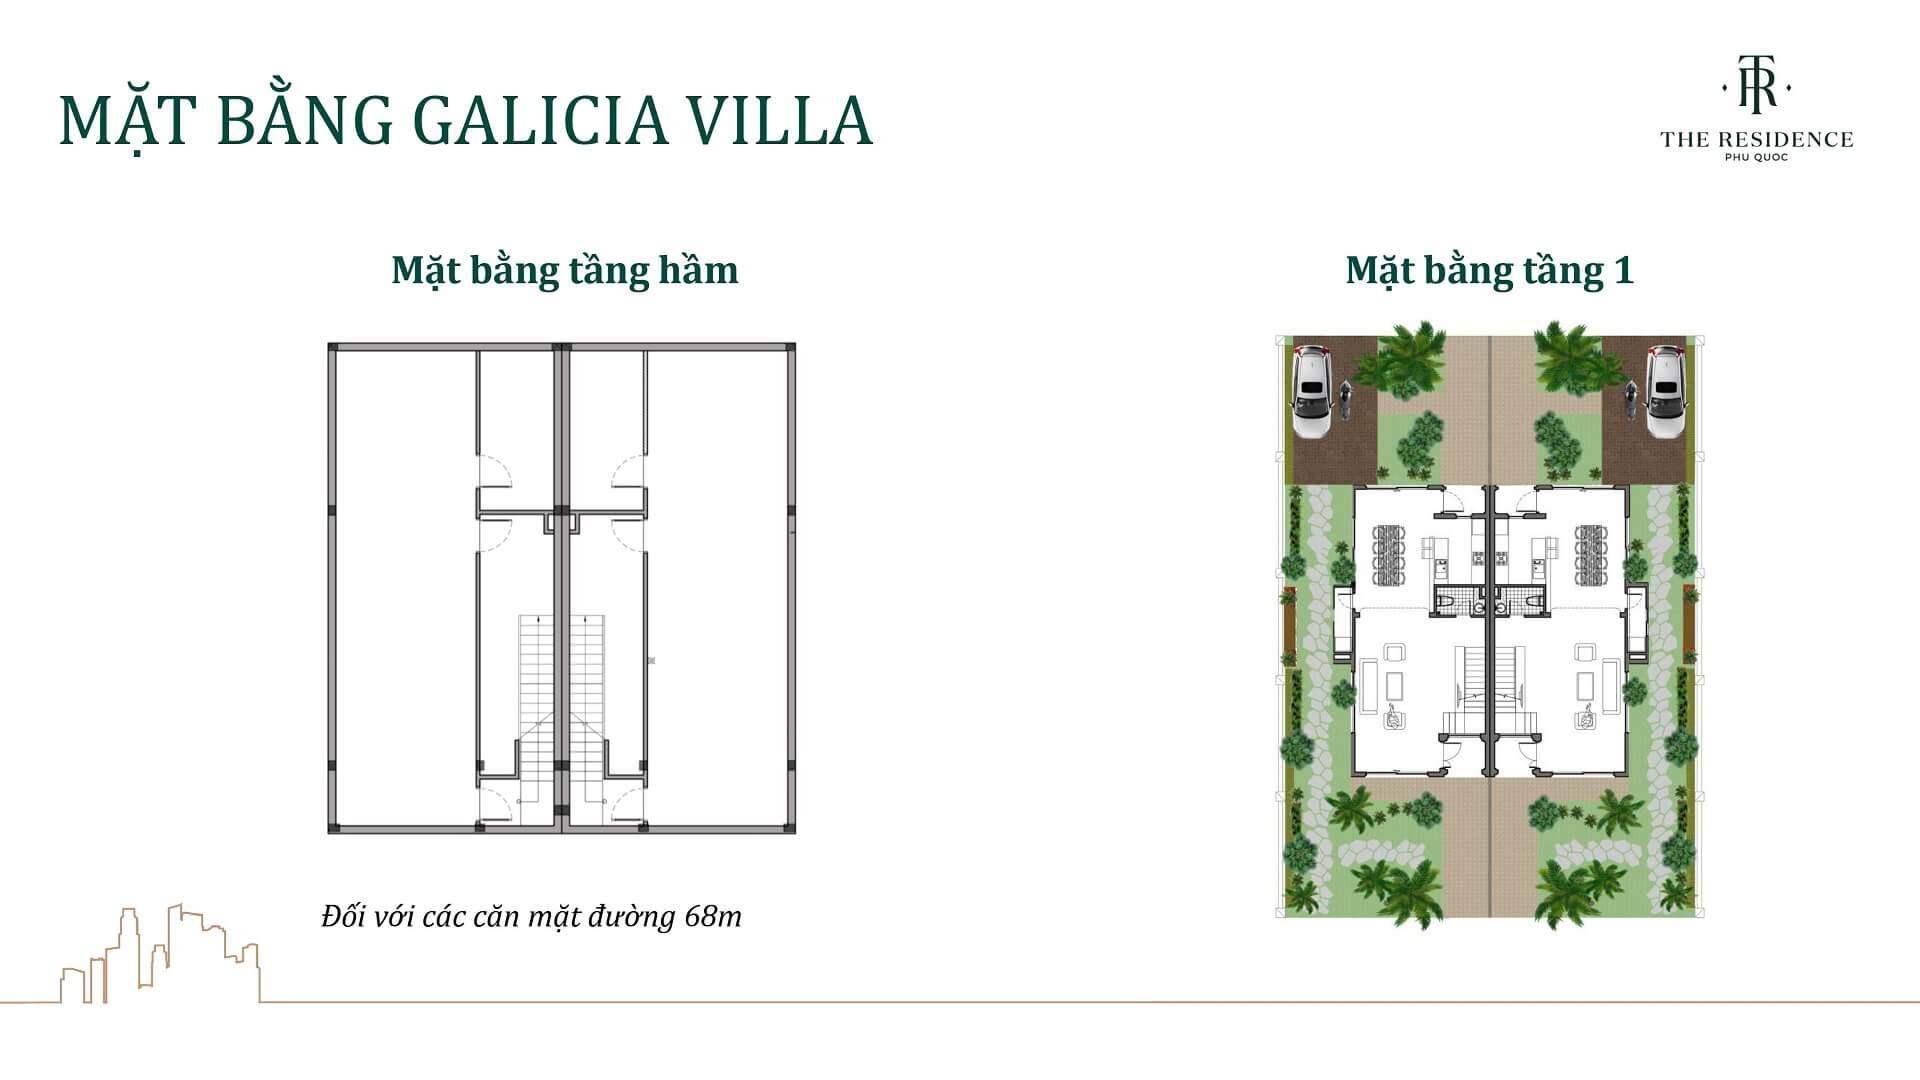 mặt bằng biệt thự galicia